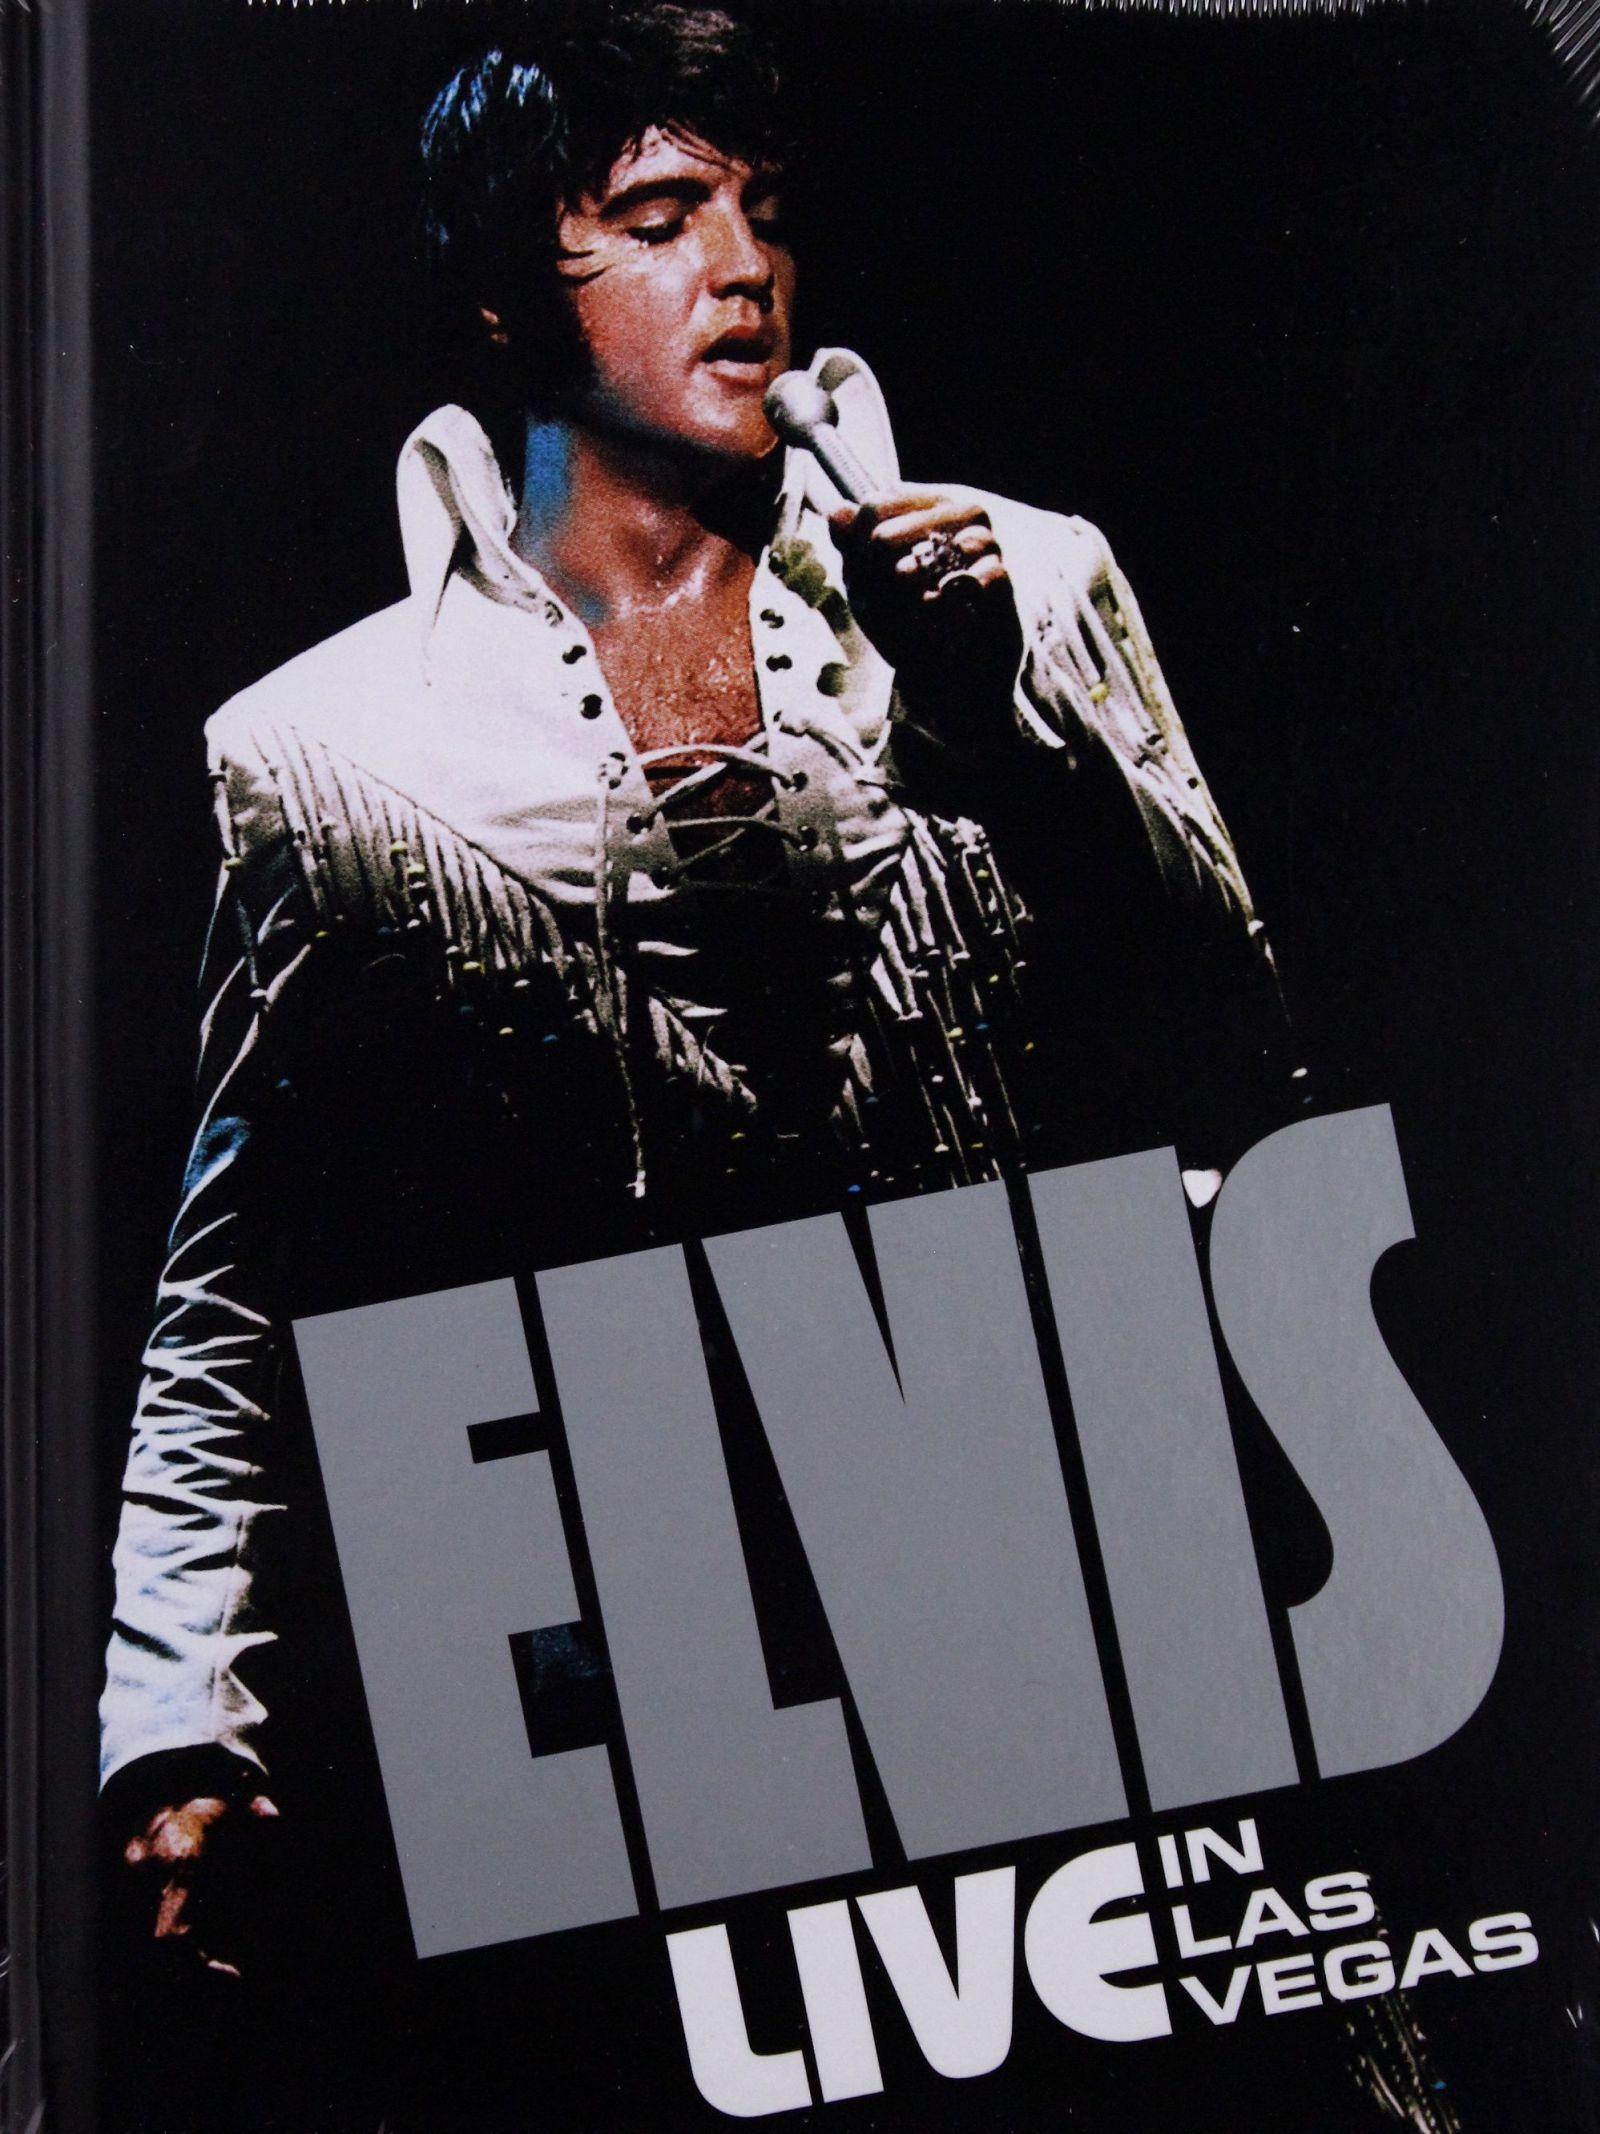 ELVIS PRESLEY: LIVE IN LAS VEGAS (4CD)